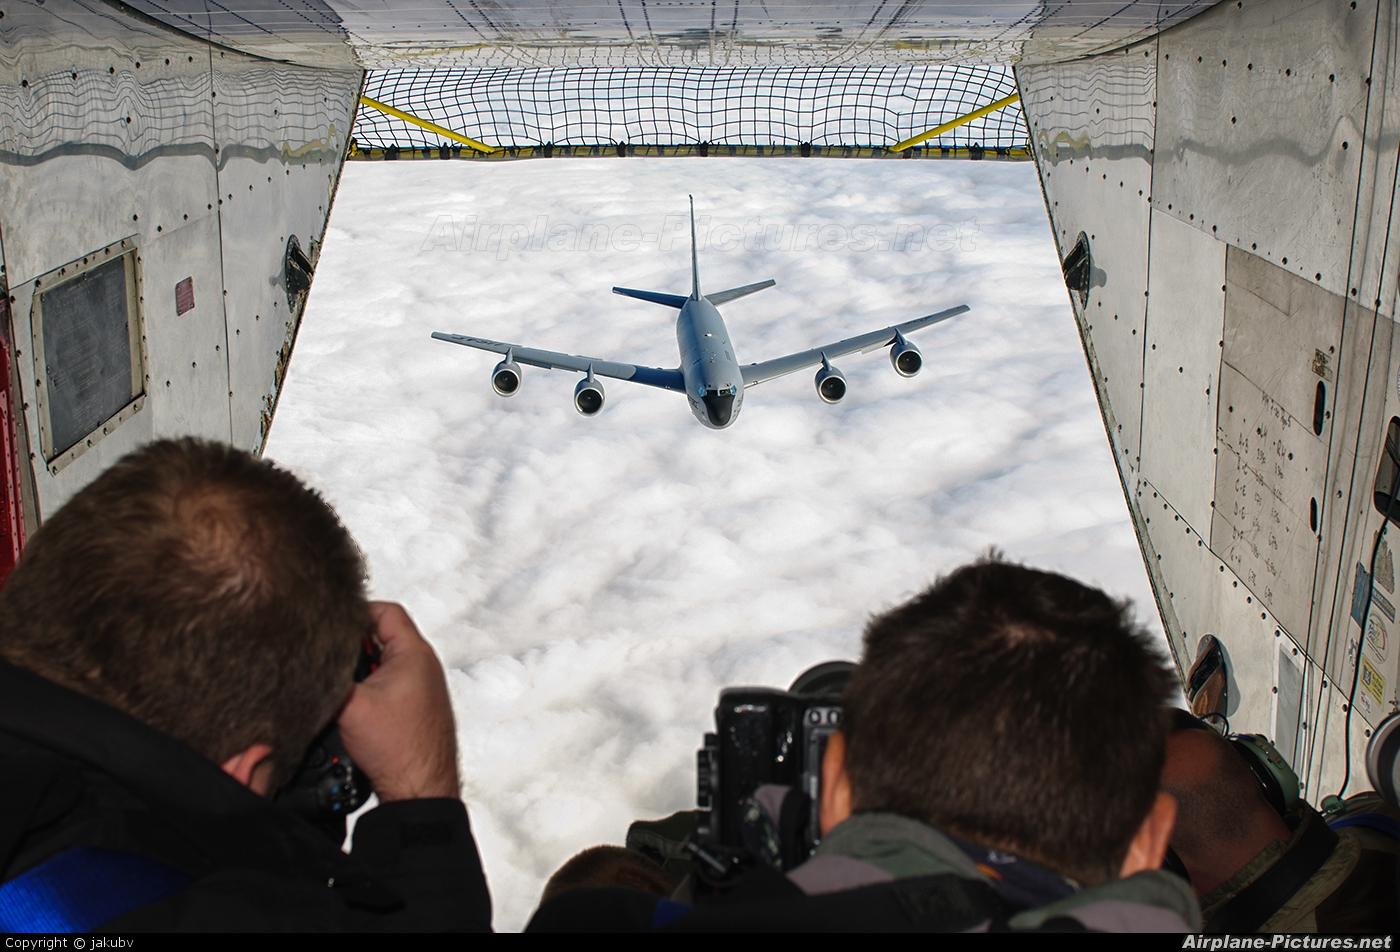 USA - Air National Guard 63-7993 aircraft at In Flight - Netherlands